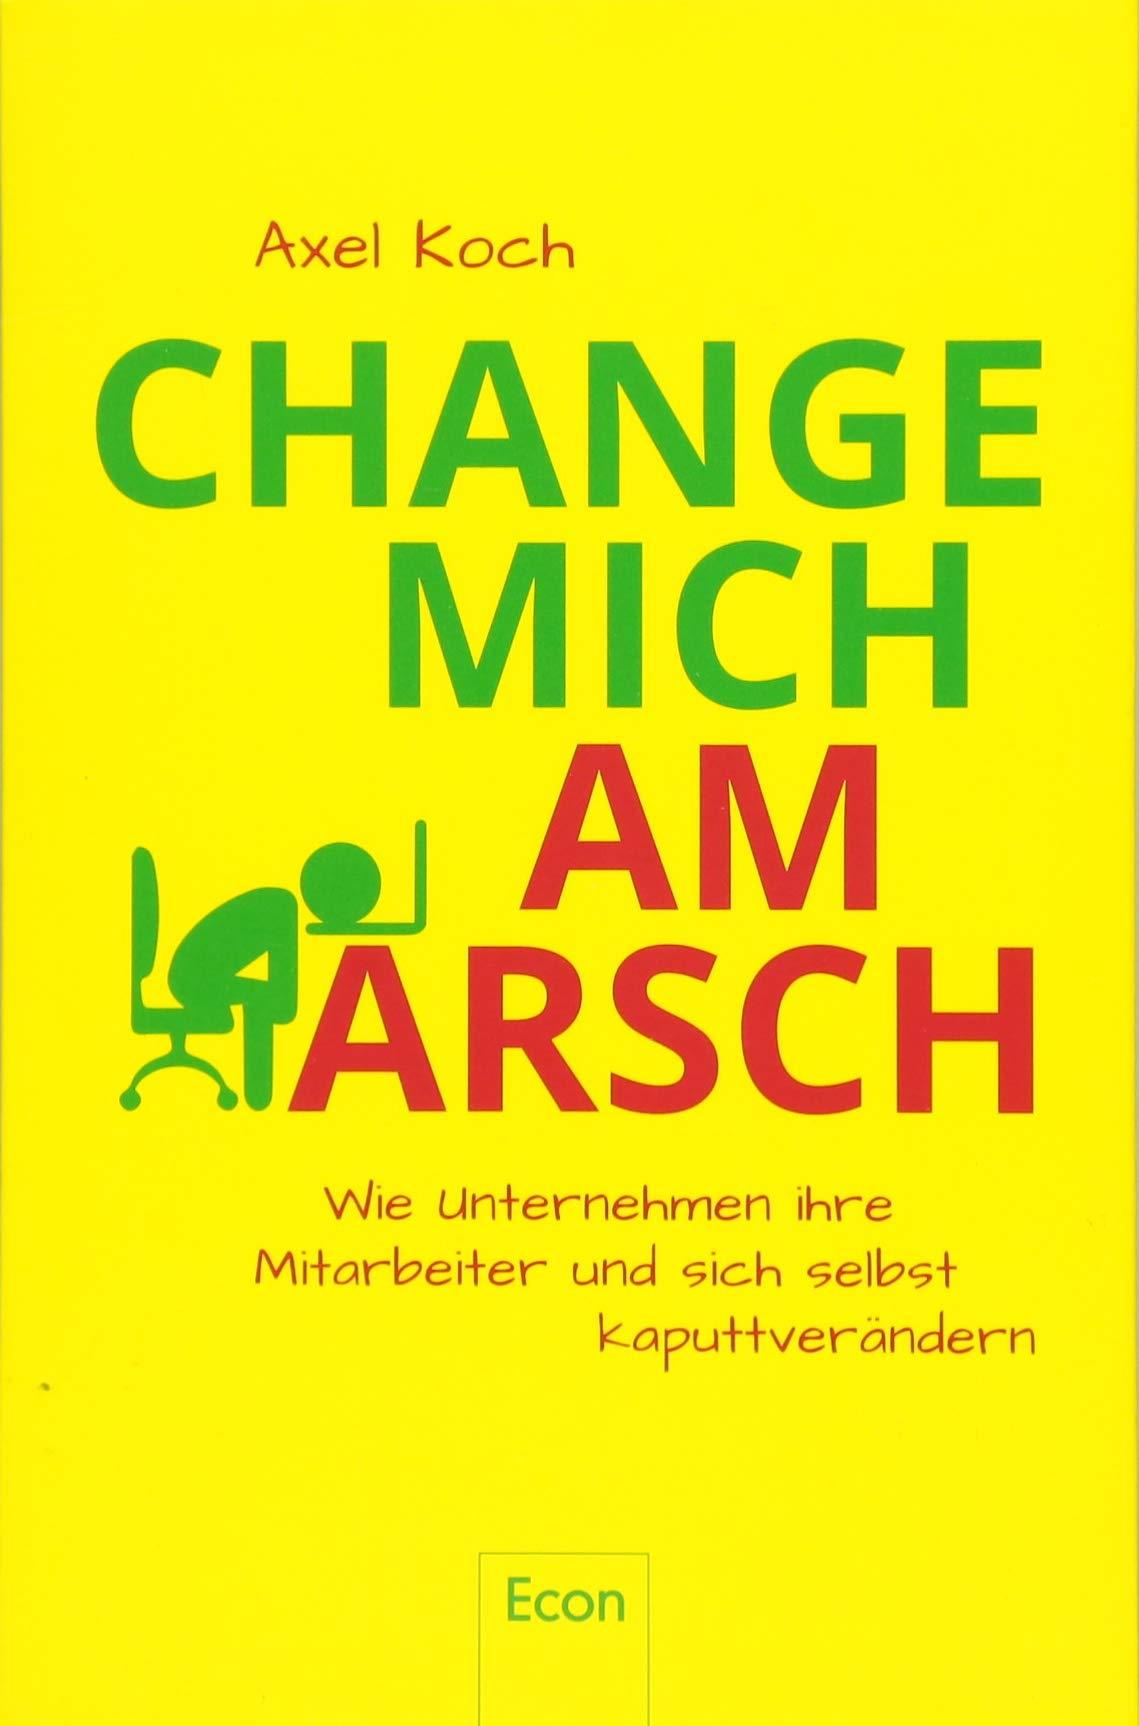 Change mich am Arsch: Wie Unternehmen ihre Mitarbeiter und sich selbst kaputtverändern Broschiert – 23. Februar 2018 Axel Koch Myriam Bechtoldt Econ 3430202450